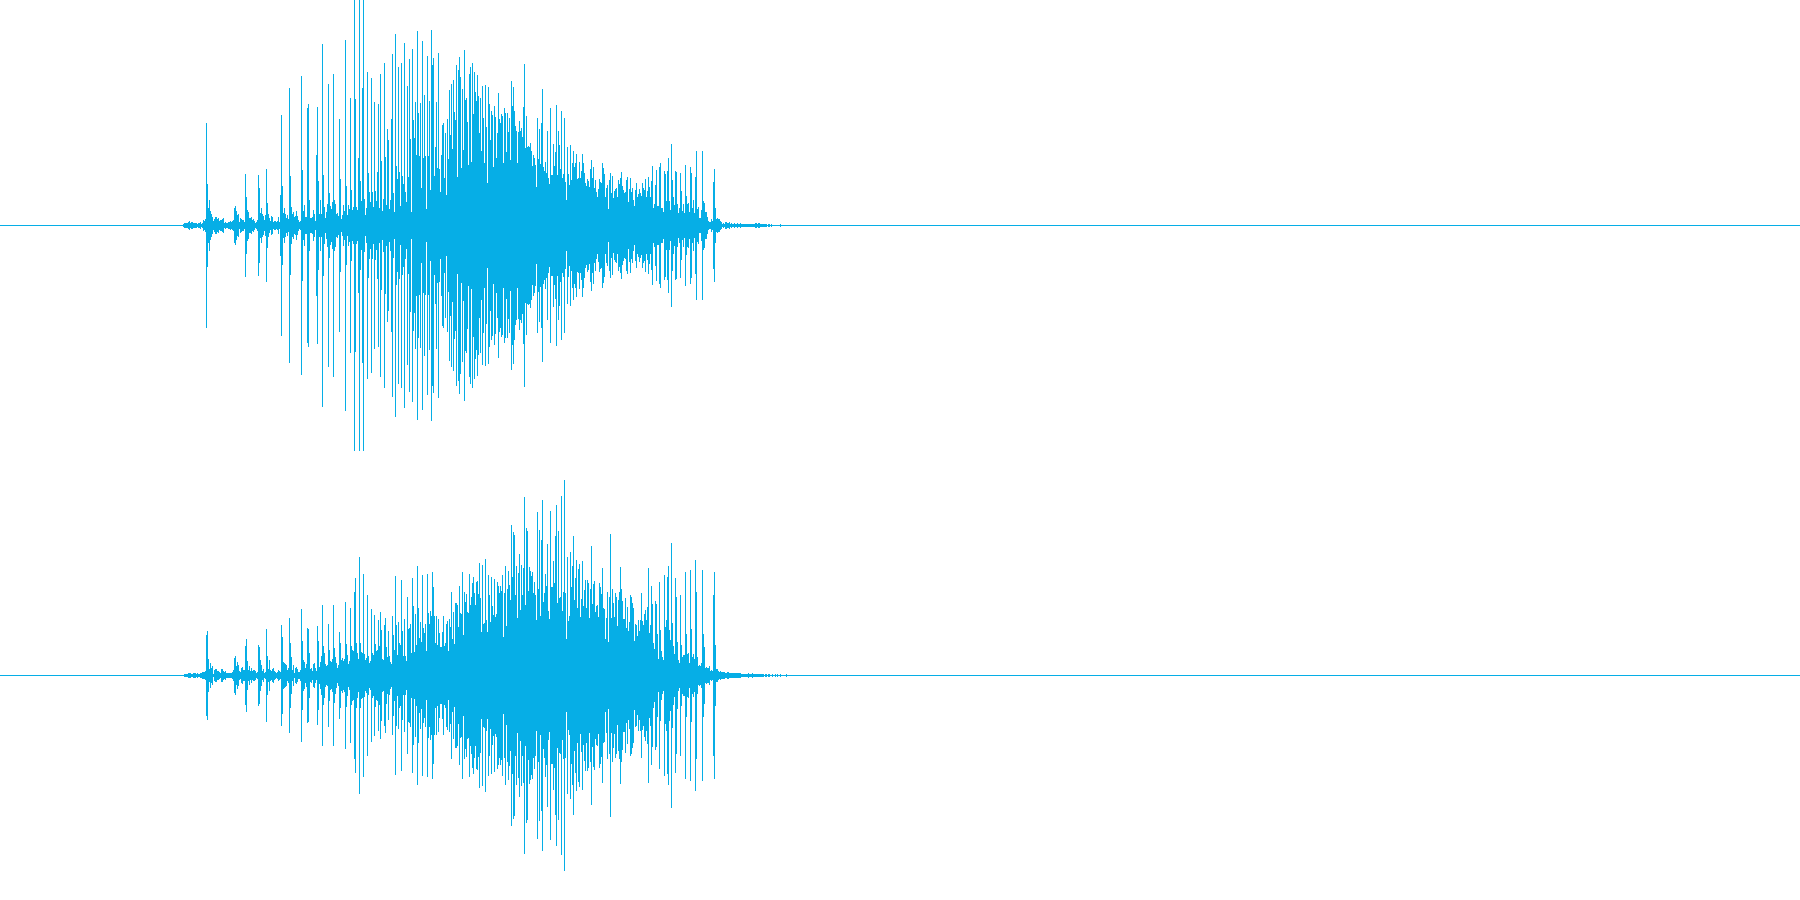 ジー!鈍いチャック音の再生済みの波形